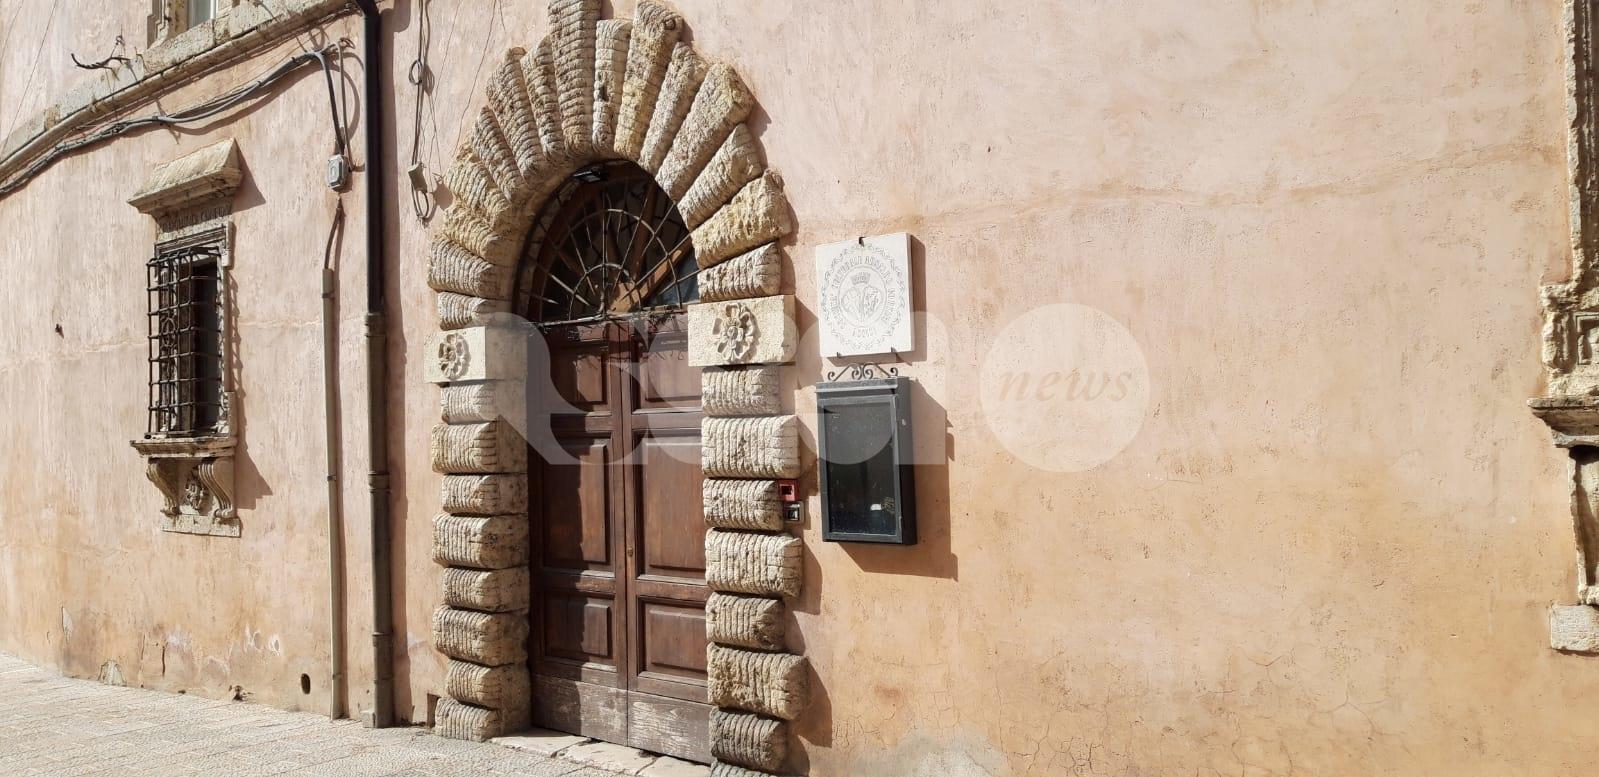 Cultura e turismo ai tempi del Covid 19, se ne parla alla Fortini